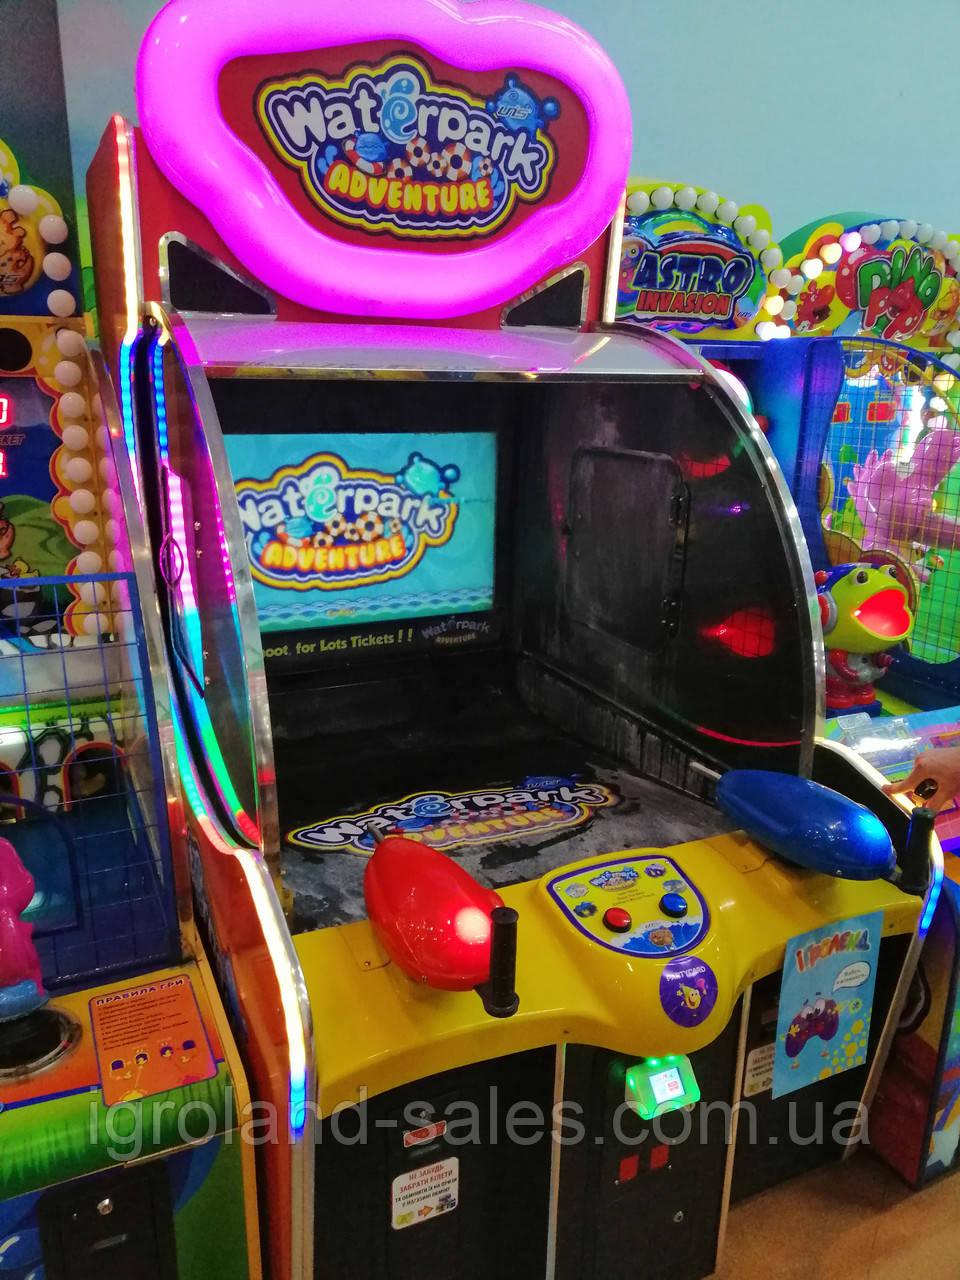 Игровой автомат adventure лягушки играть в игровые автоматы без регистрации бесплатно онлайн играть